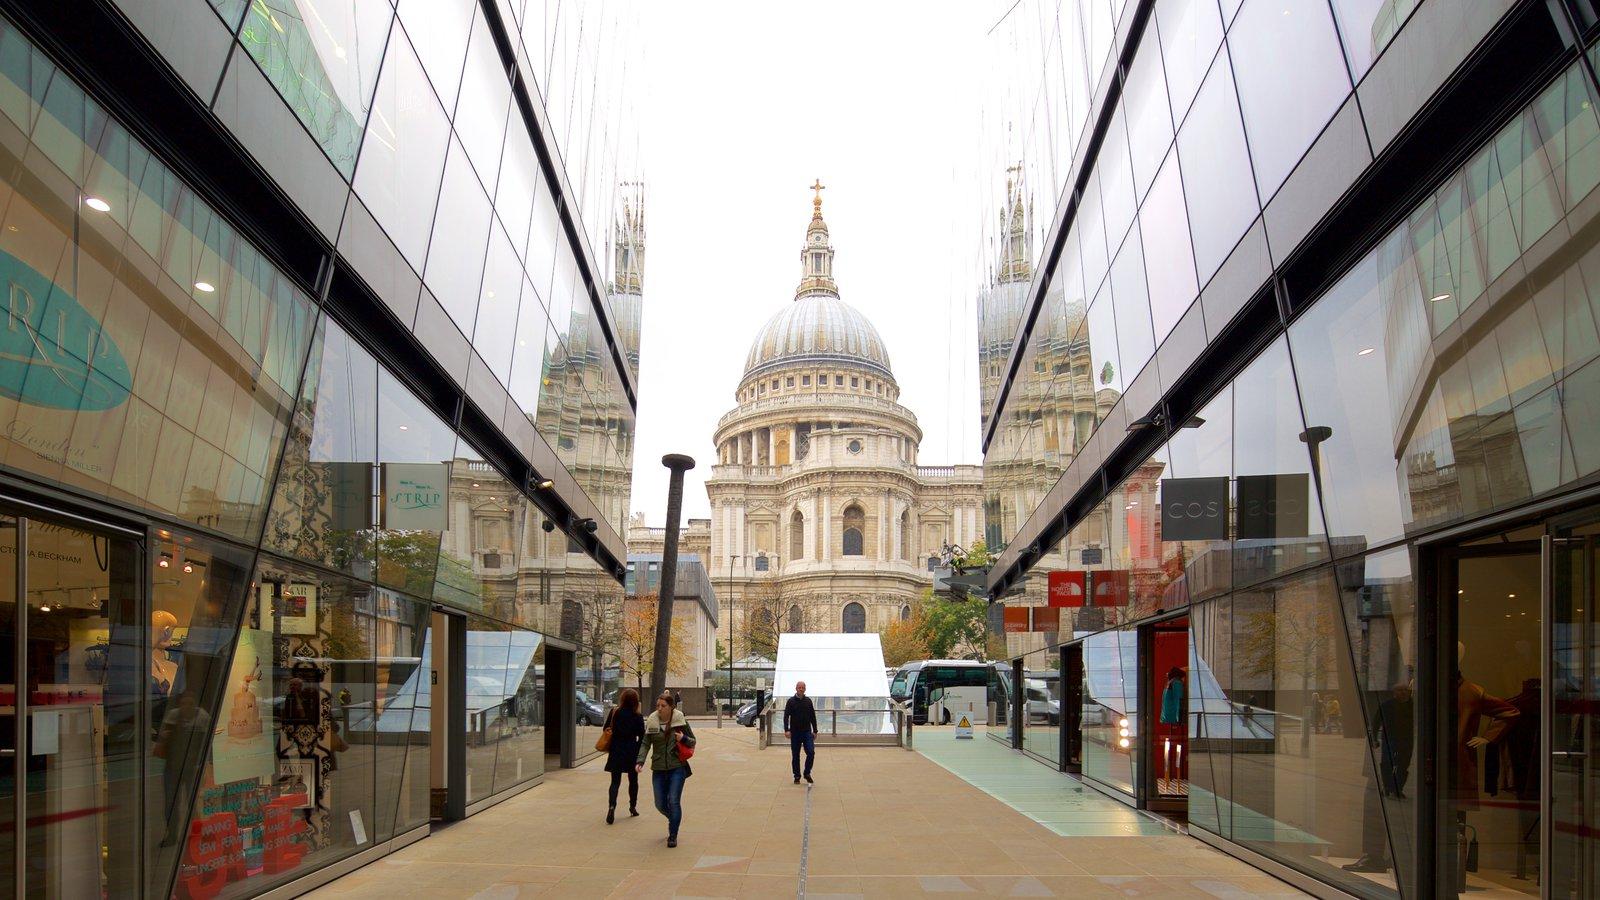 St. Paul\'s Cathedral caracterizando arquitetura de patrimônio, cenas de rua e uma igreja ou catedral